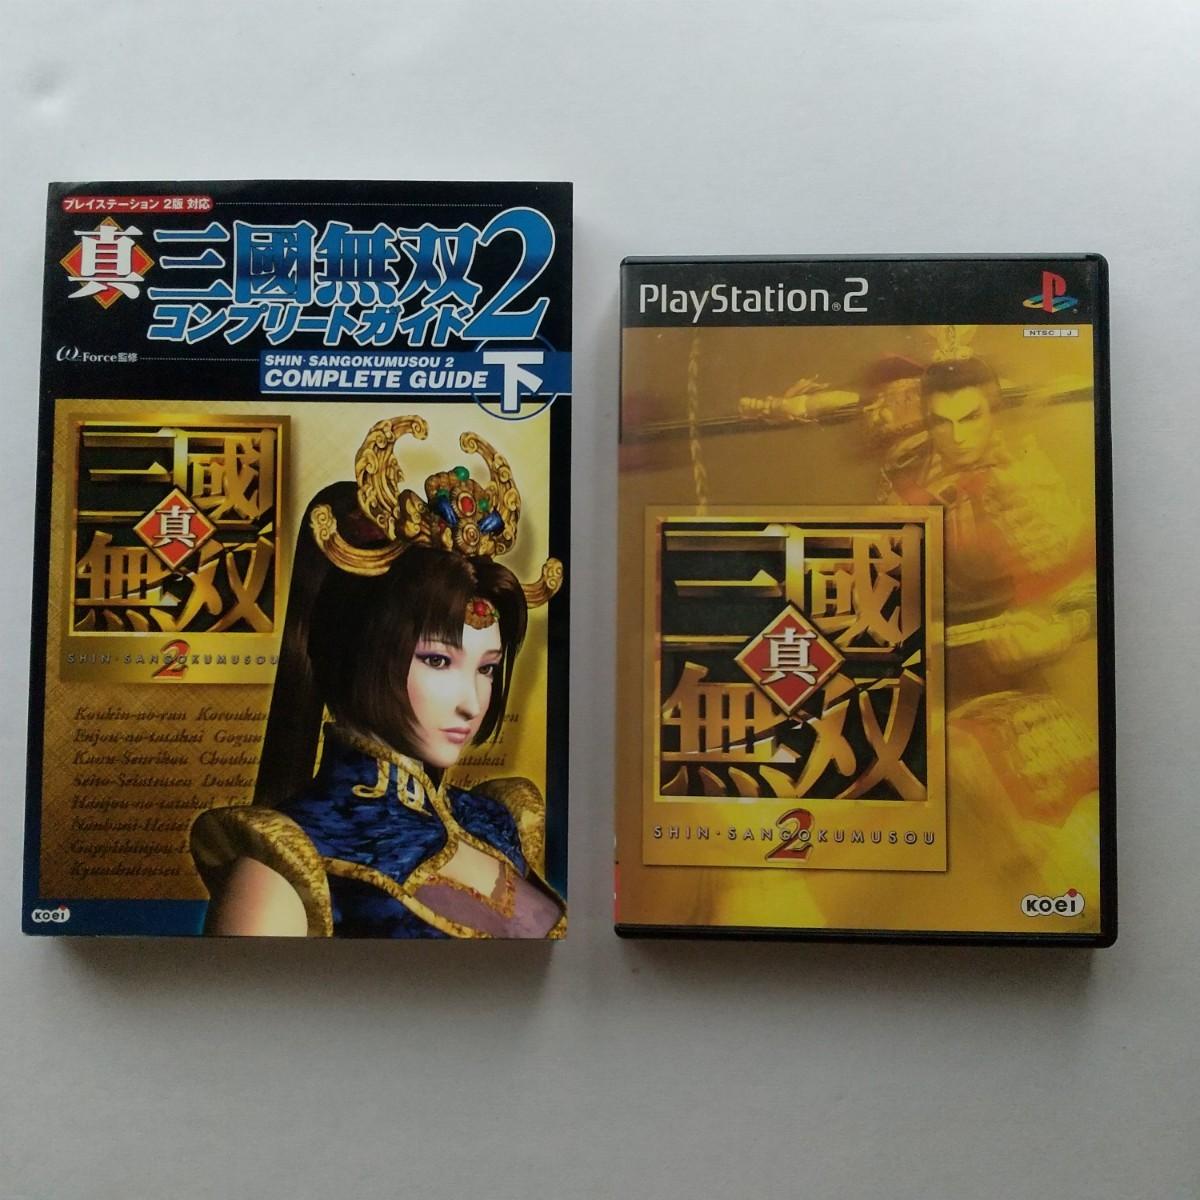 真 三國無双2  ( PS2ソフト&コンプリートガイド下)